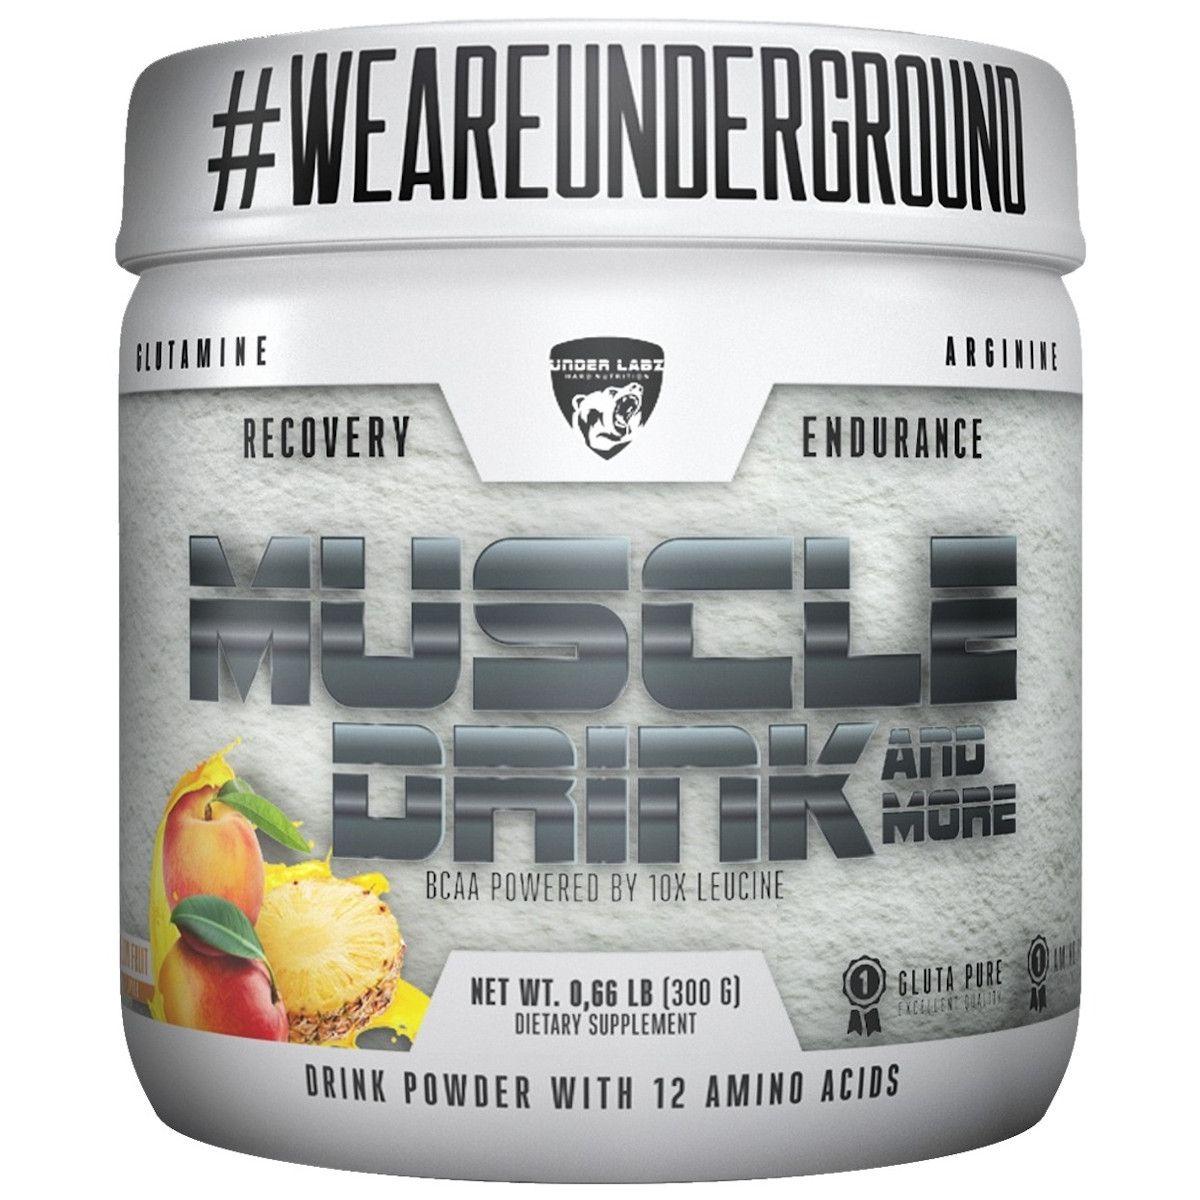 Muscle Drink - 300g - Under Labz